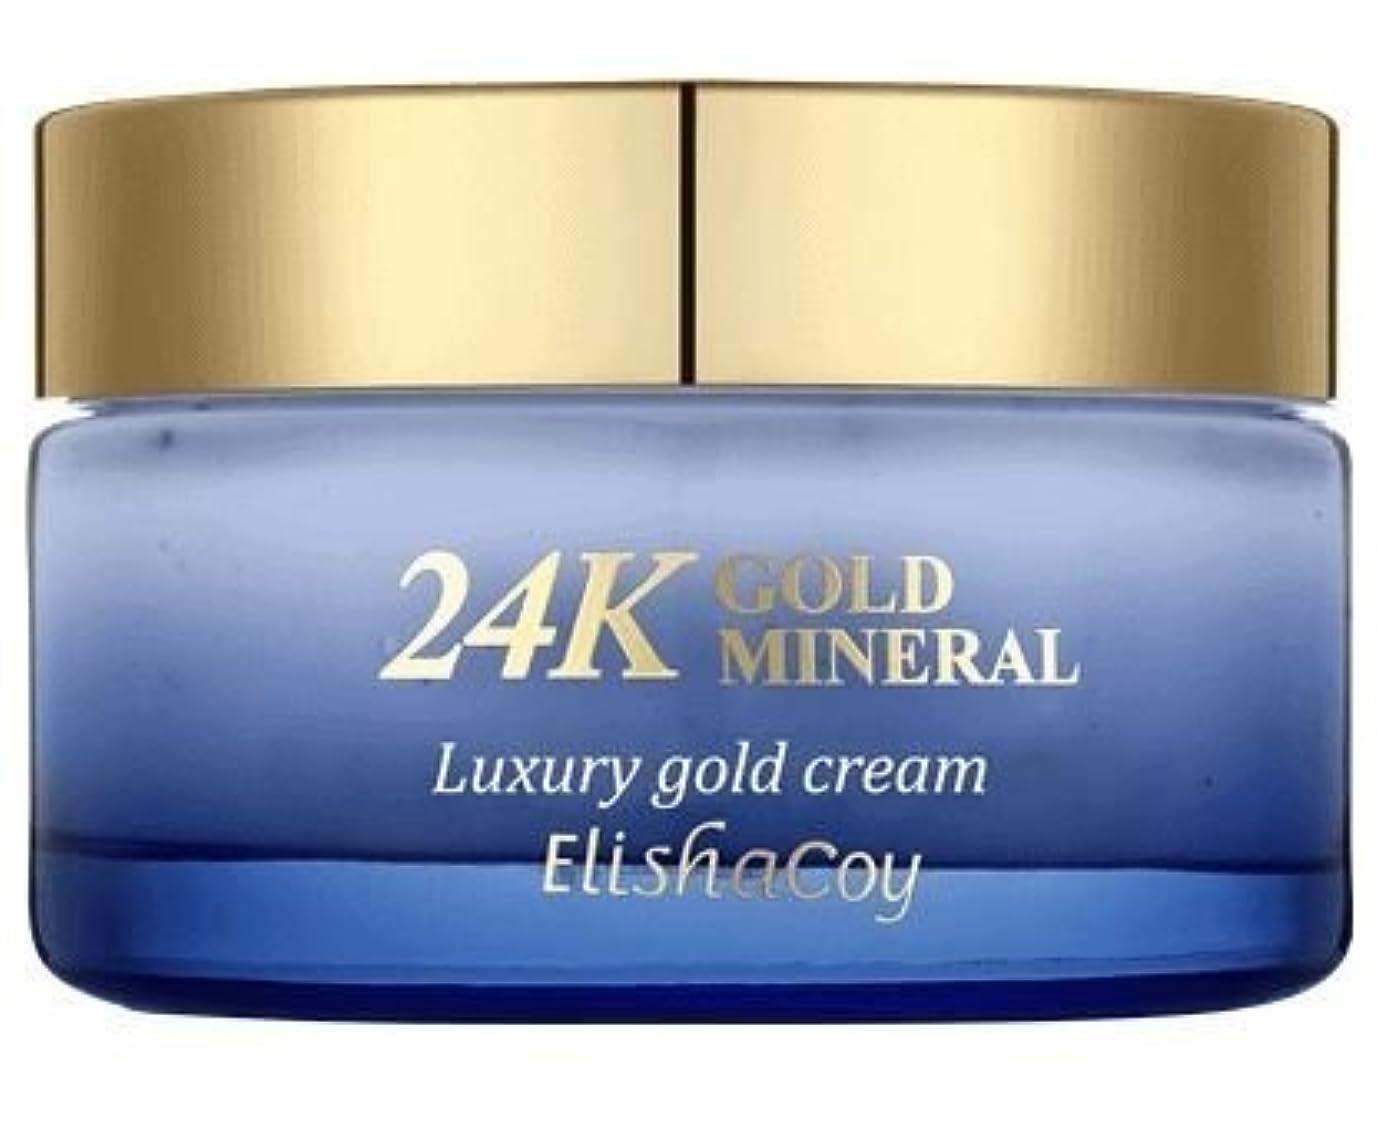 素晴らしいです系統的挑む24Kゴールドミネラルクリーム(50g) Elishacoy エリシャコイ